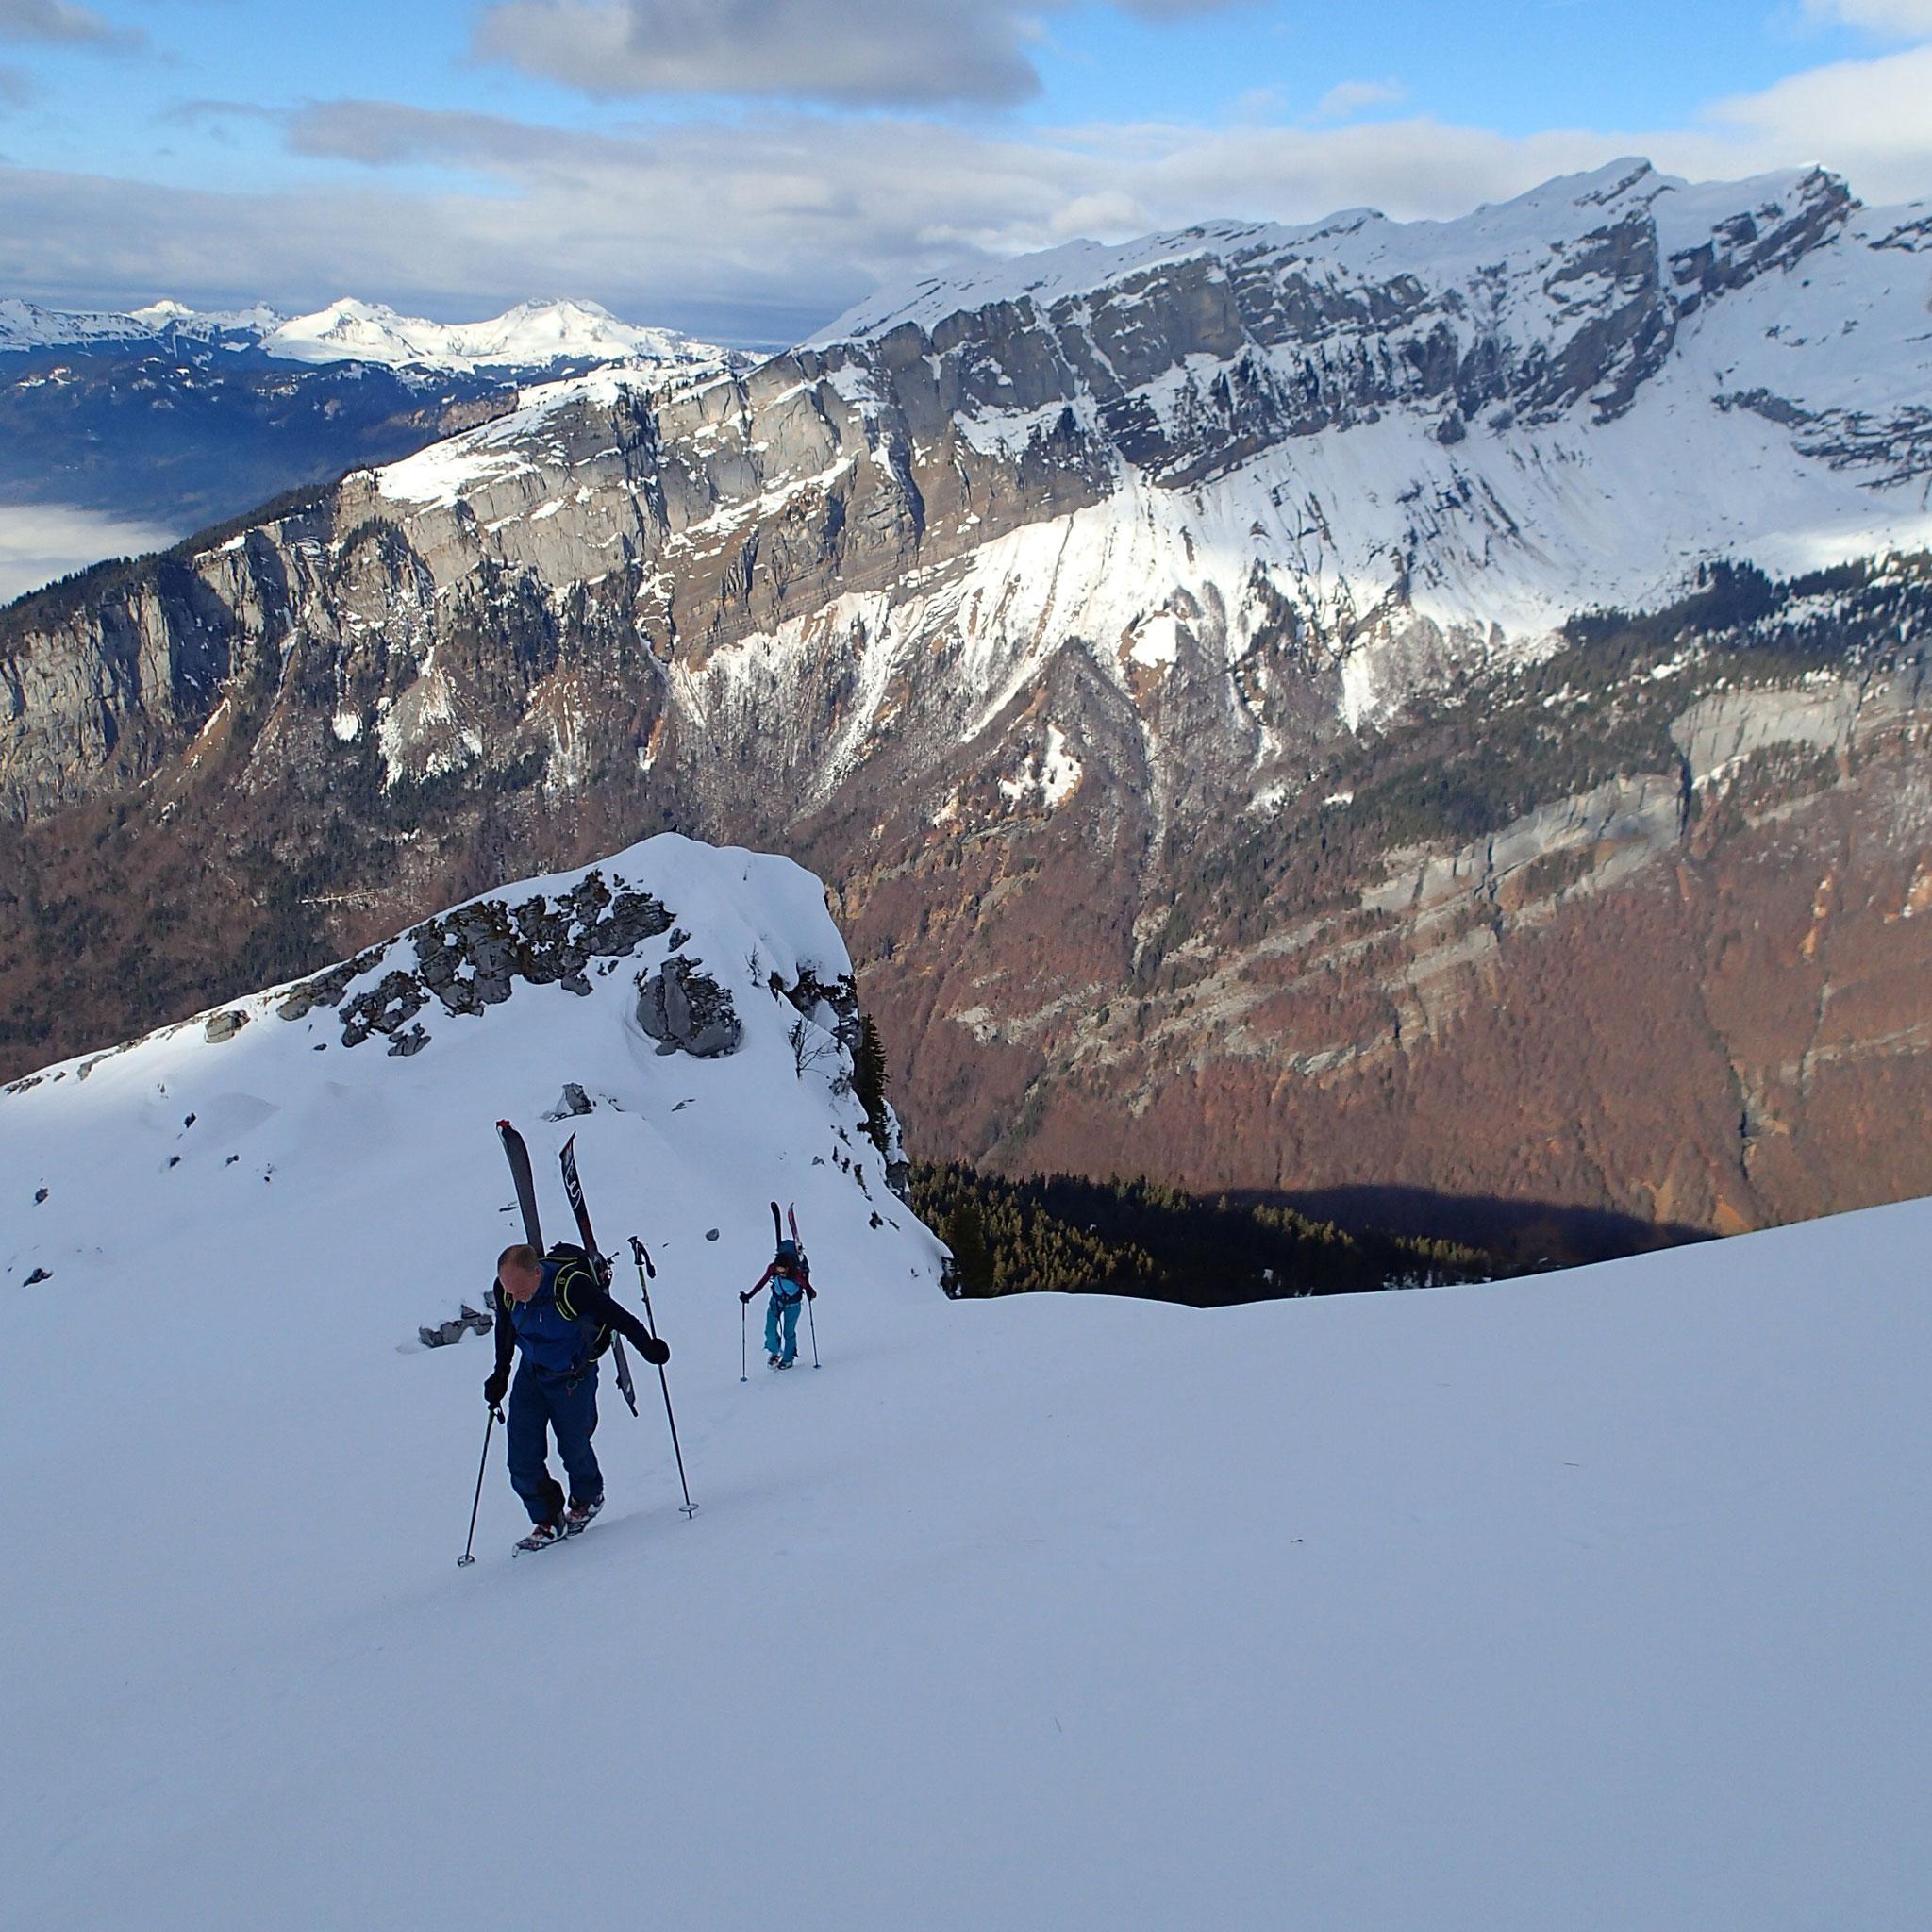 Christer et Valérie dans les derniers mètres en crampons